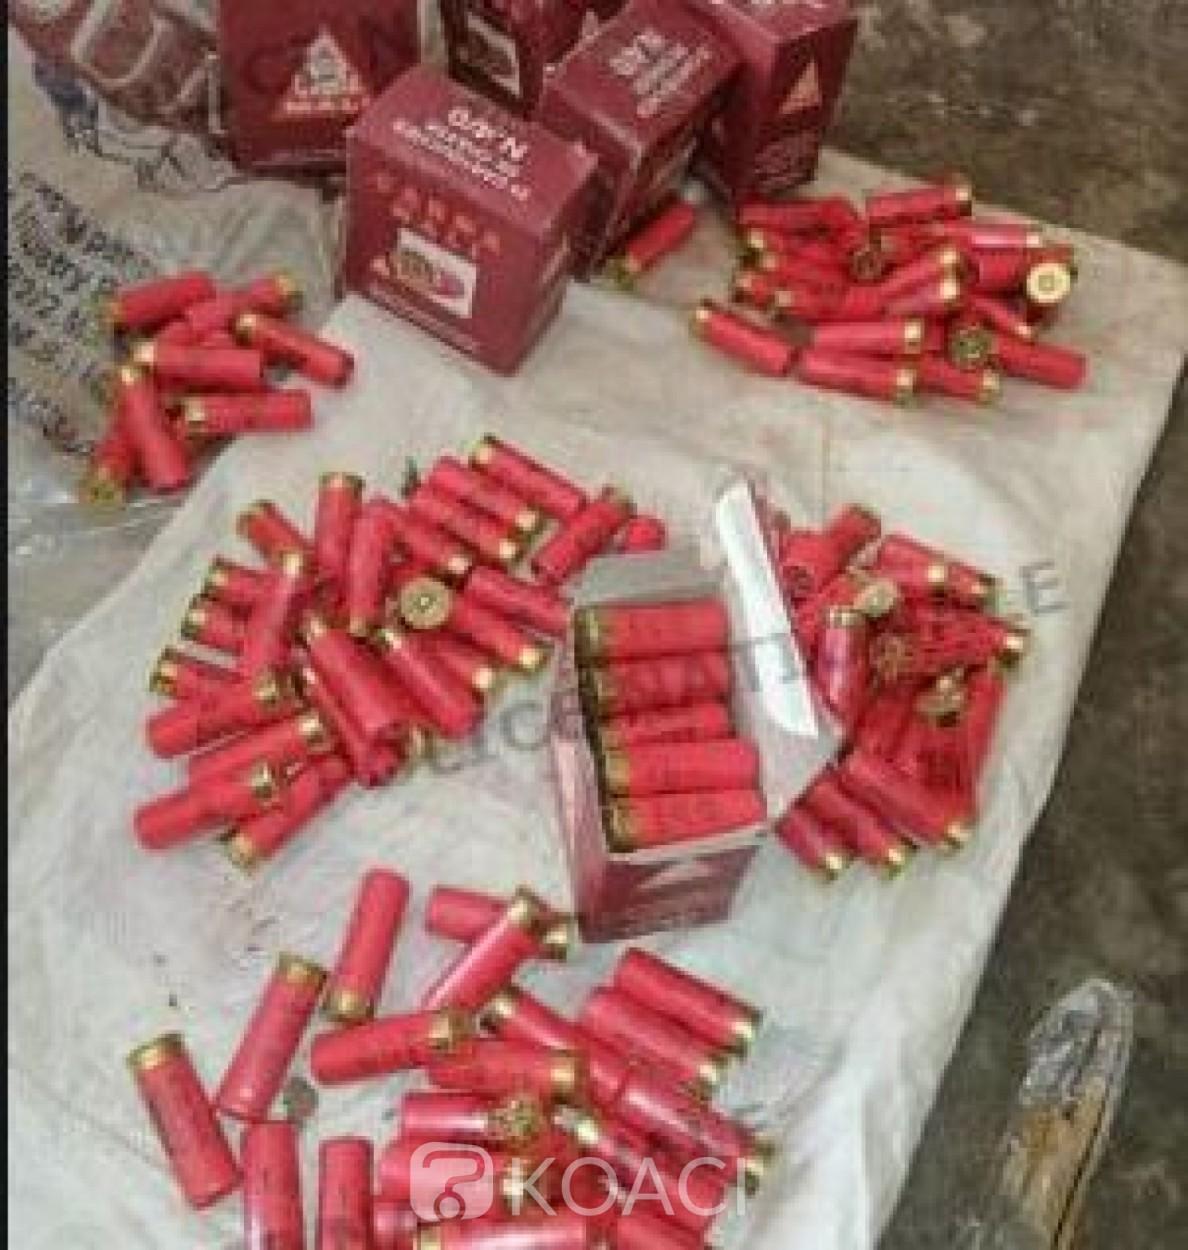 Côte d'Ivoire : Vente de munitions de calibre 12, un récidiviste notoire à nouveau arrêté